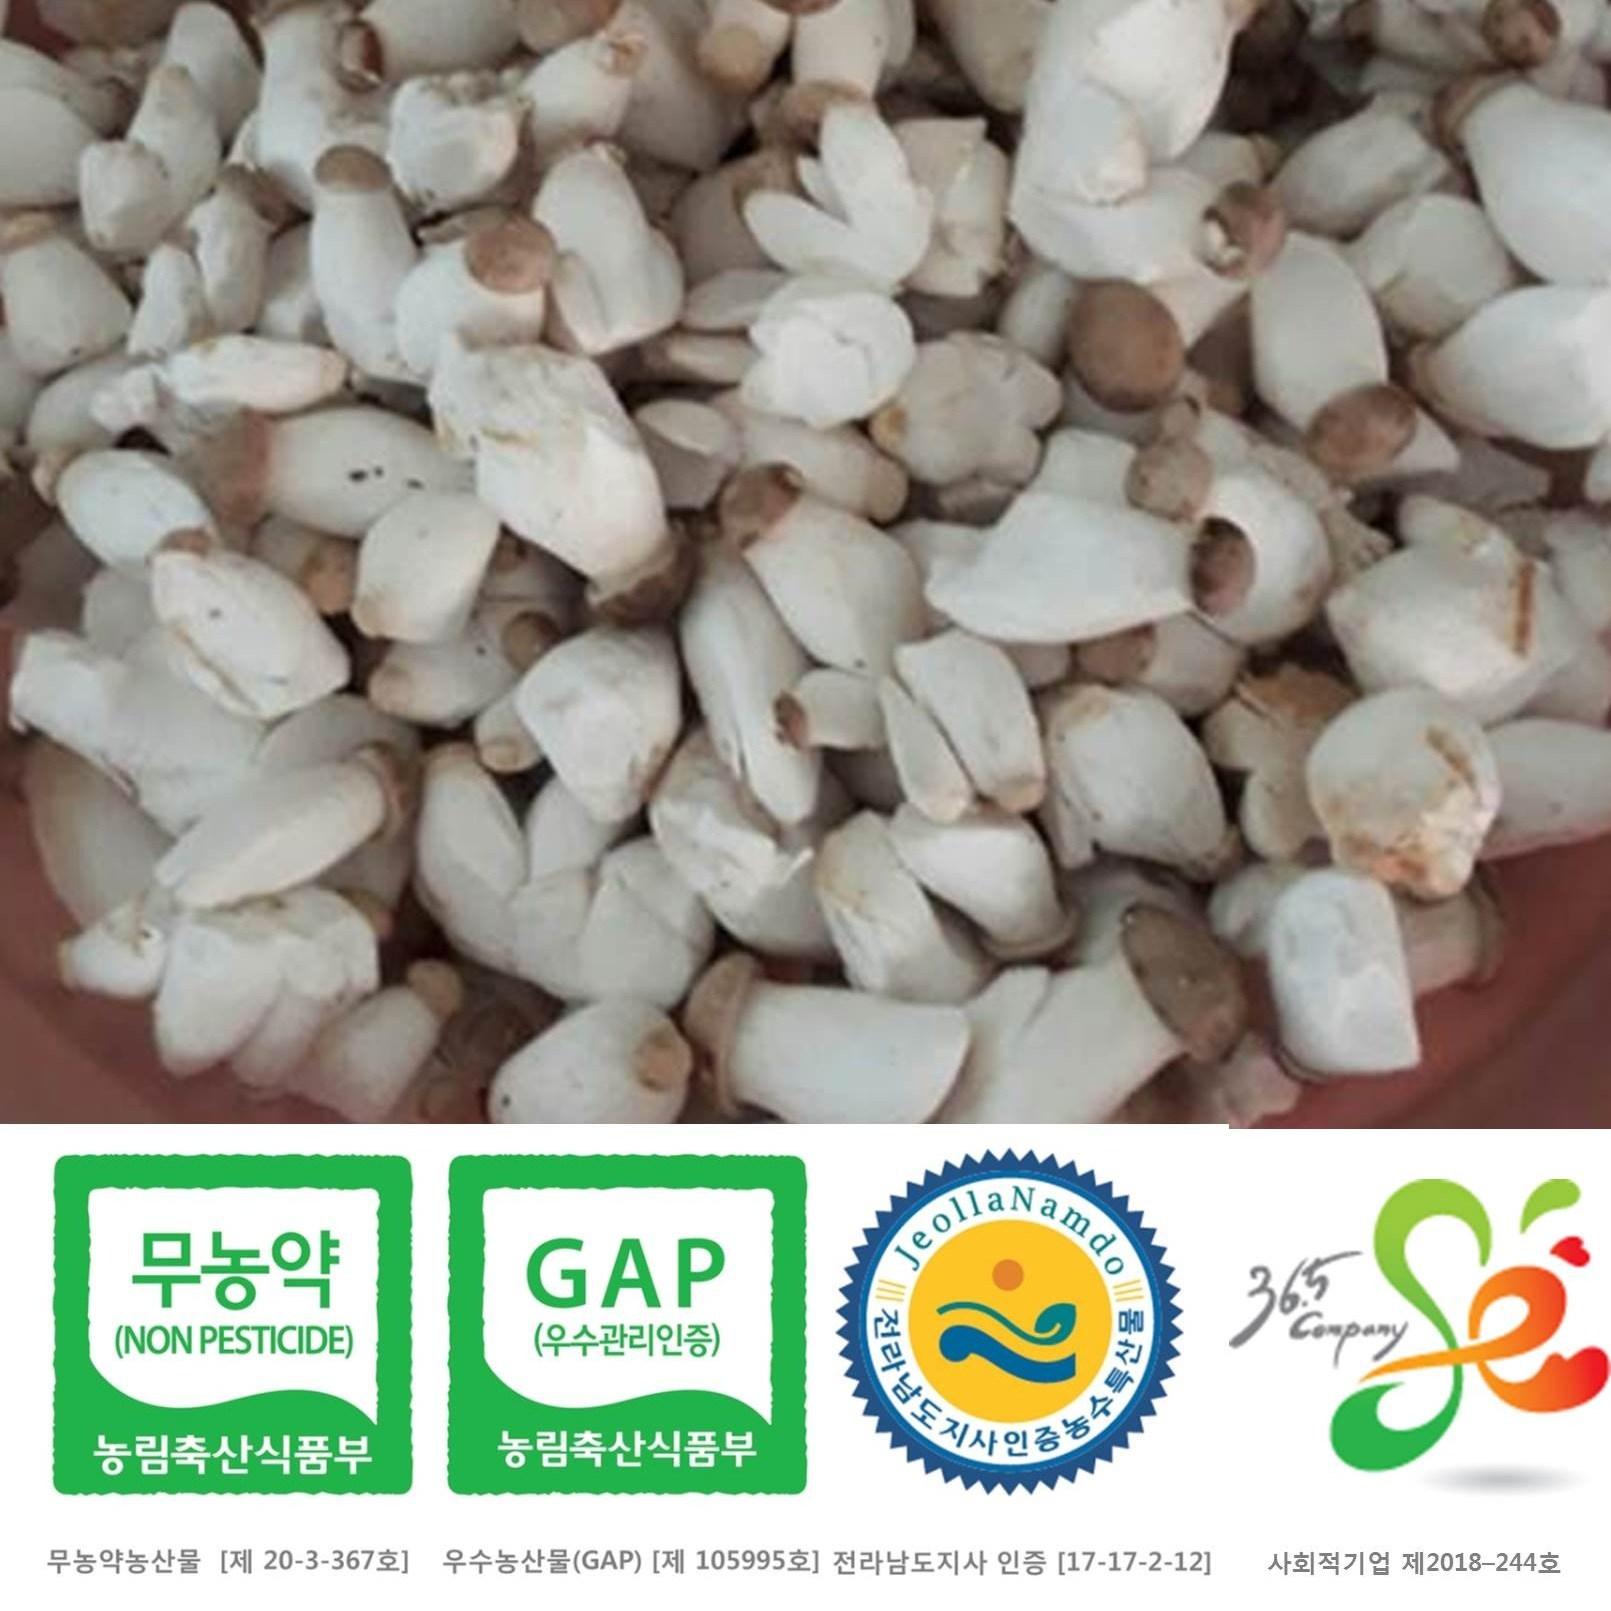 새송이는마니꺼 새송이버섯, 1box, 1kg조림(미니)